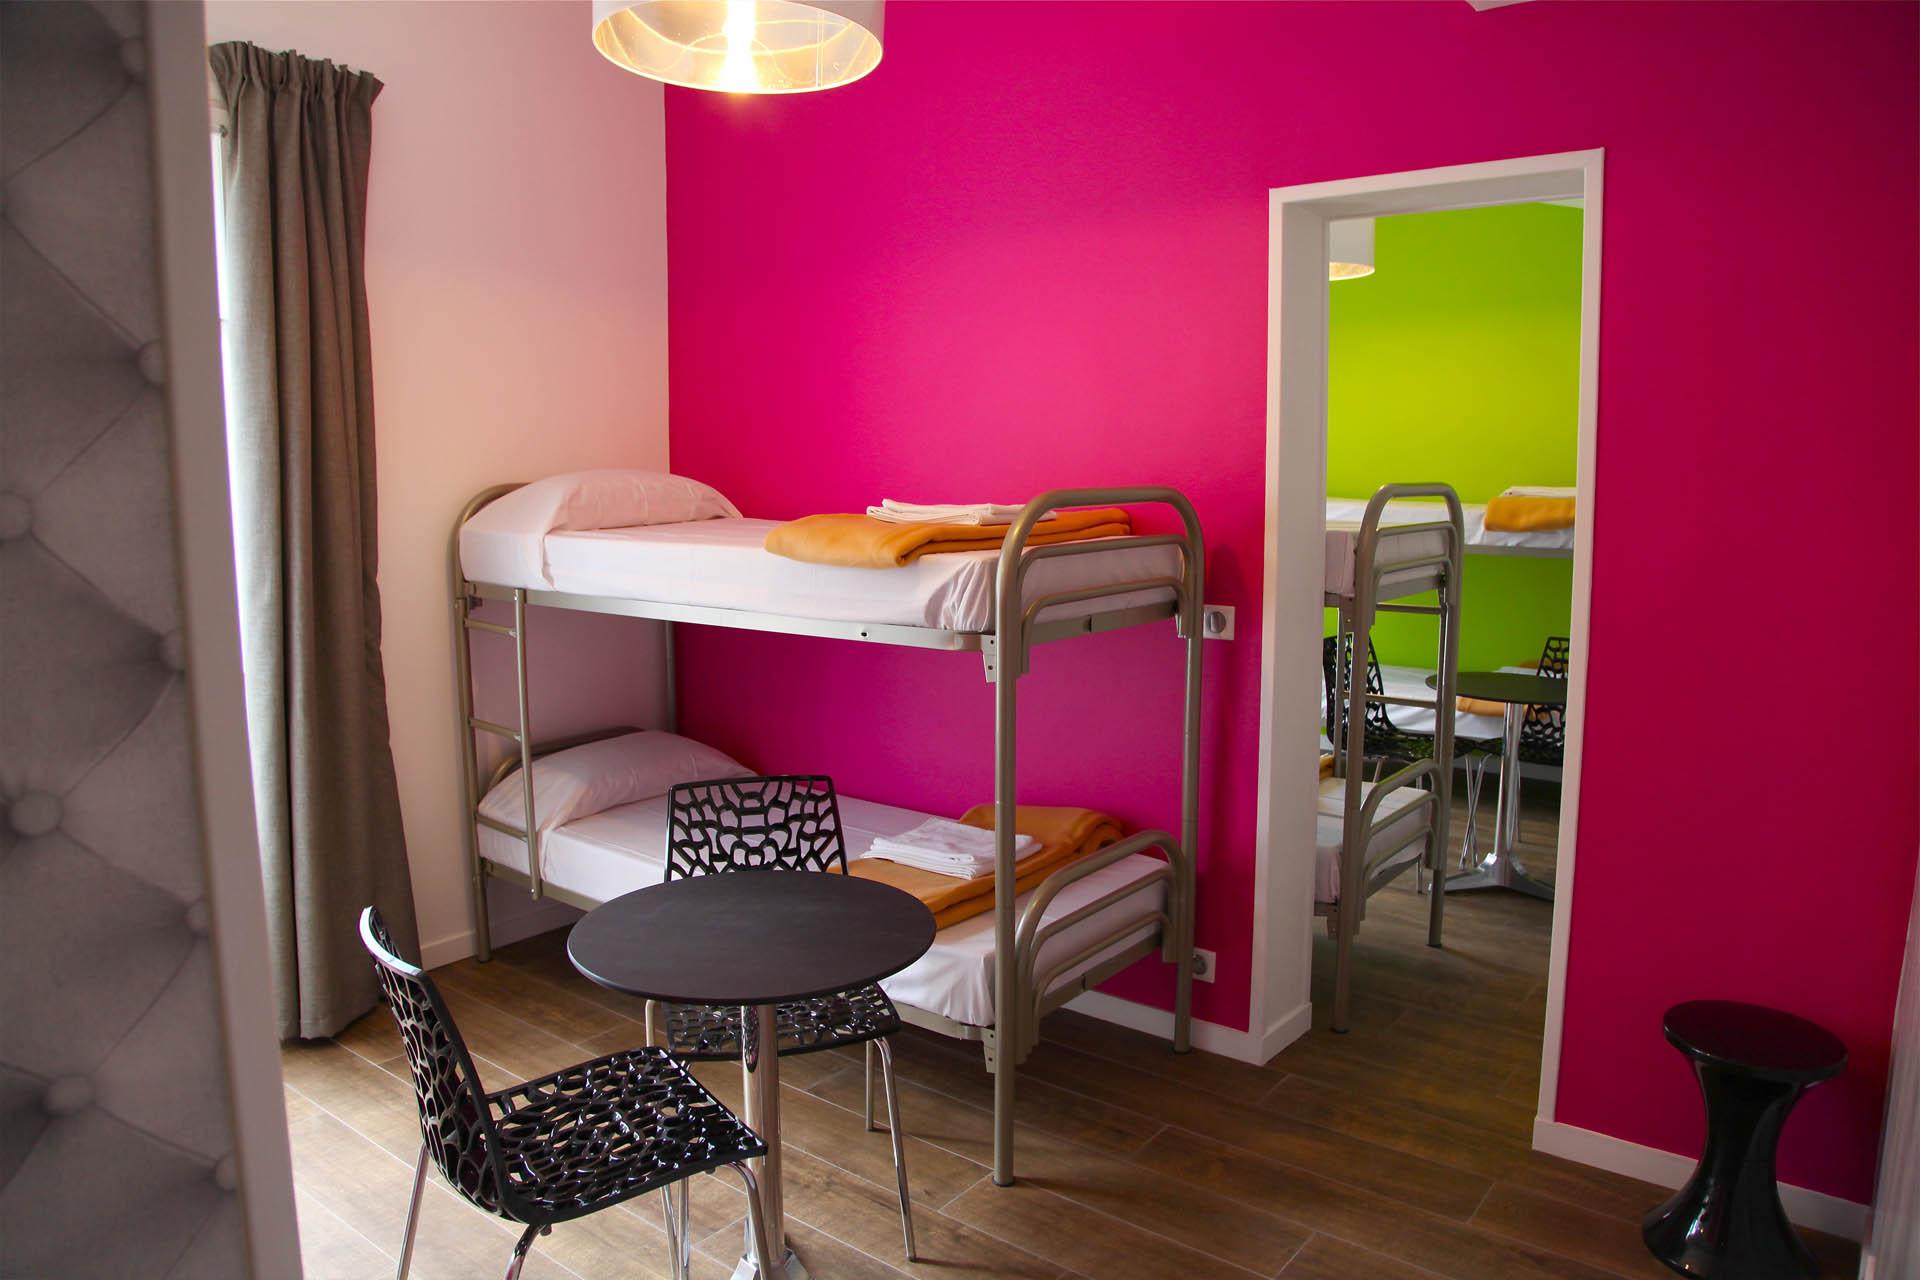 The Loft Boutique Hostel and Hotel Paris - Site Officiel